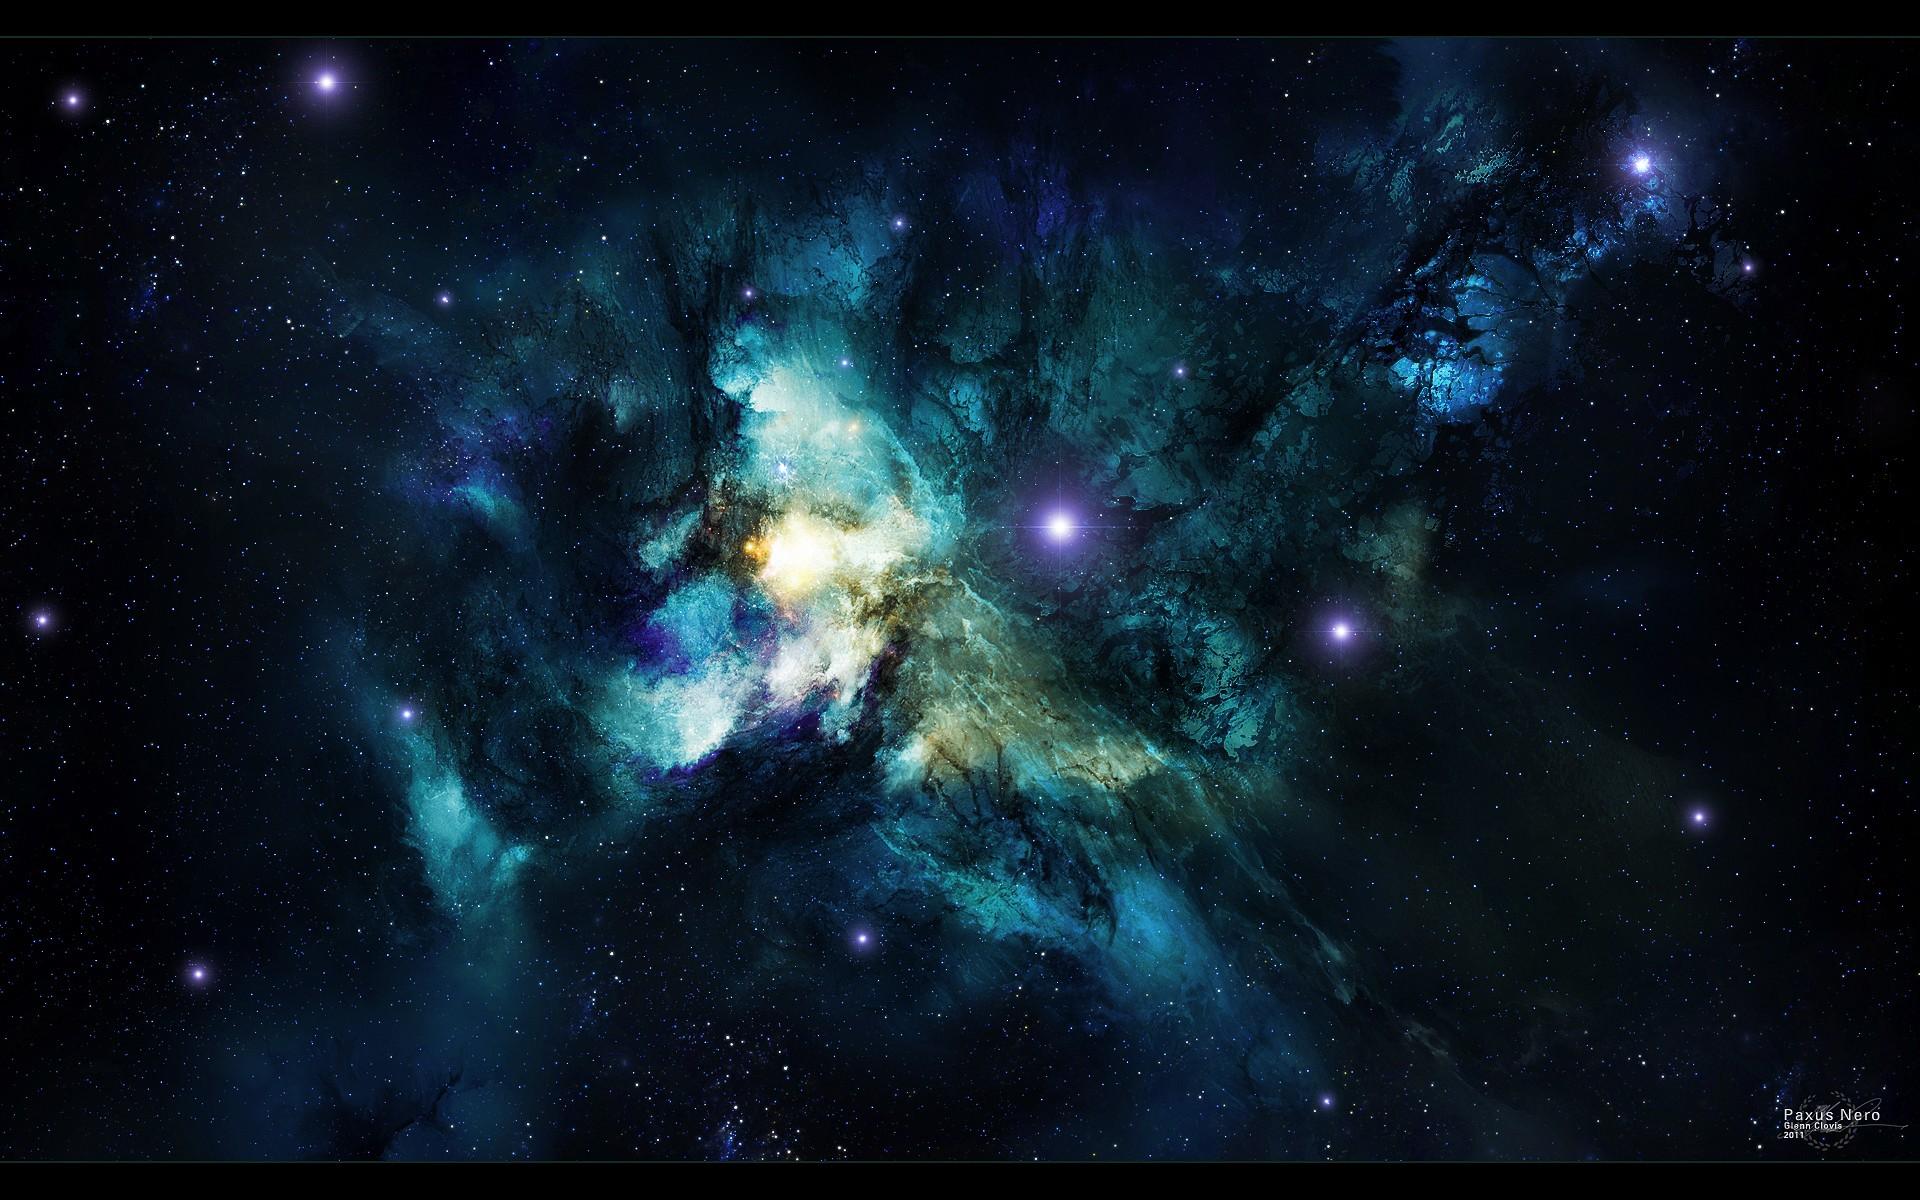 Путешествие к чужим Галактикам на край Вселенной Галактики в космосе  космос наизнанку